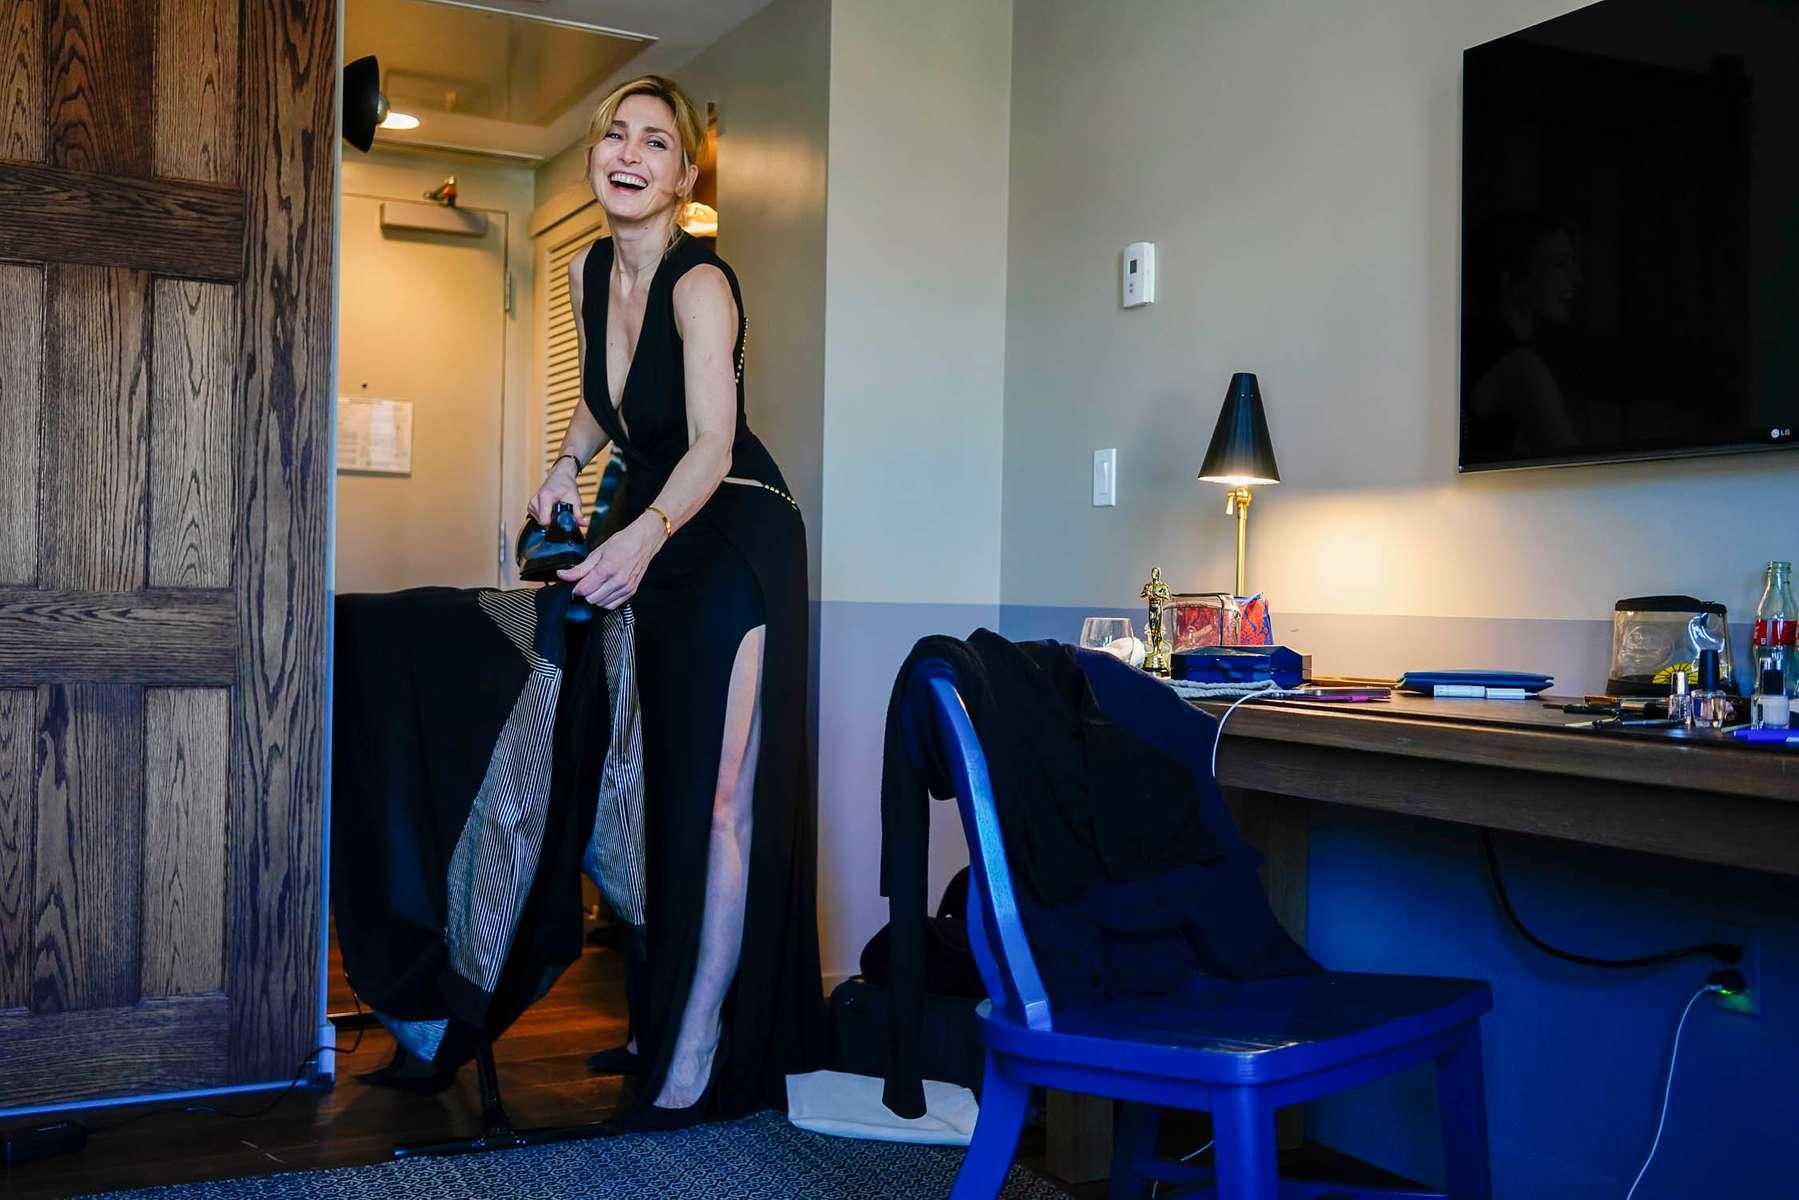 Julie Gayet dans sa chambre de l'hôtel Roosevelt à Hollywood, quelques heures avant la cérémonie des Oscars, repasse la robe de son associée Nadia Turincev. Elle porte une robe Elie Saab.